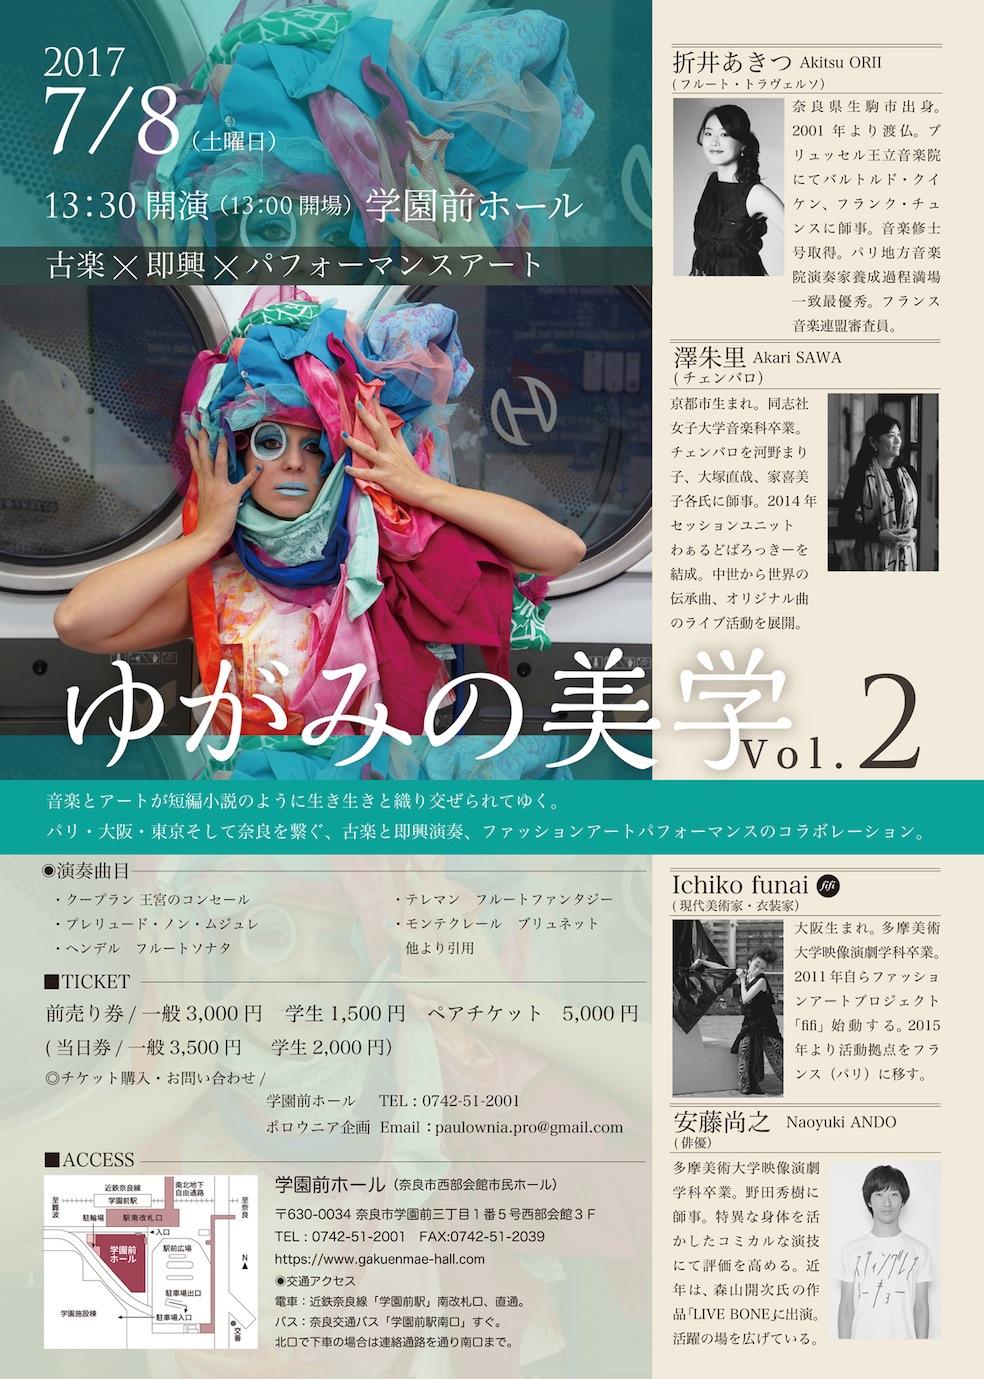 ゆがみの美学vol.2 コンサートアート